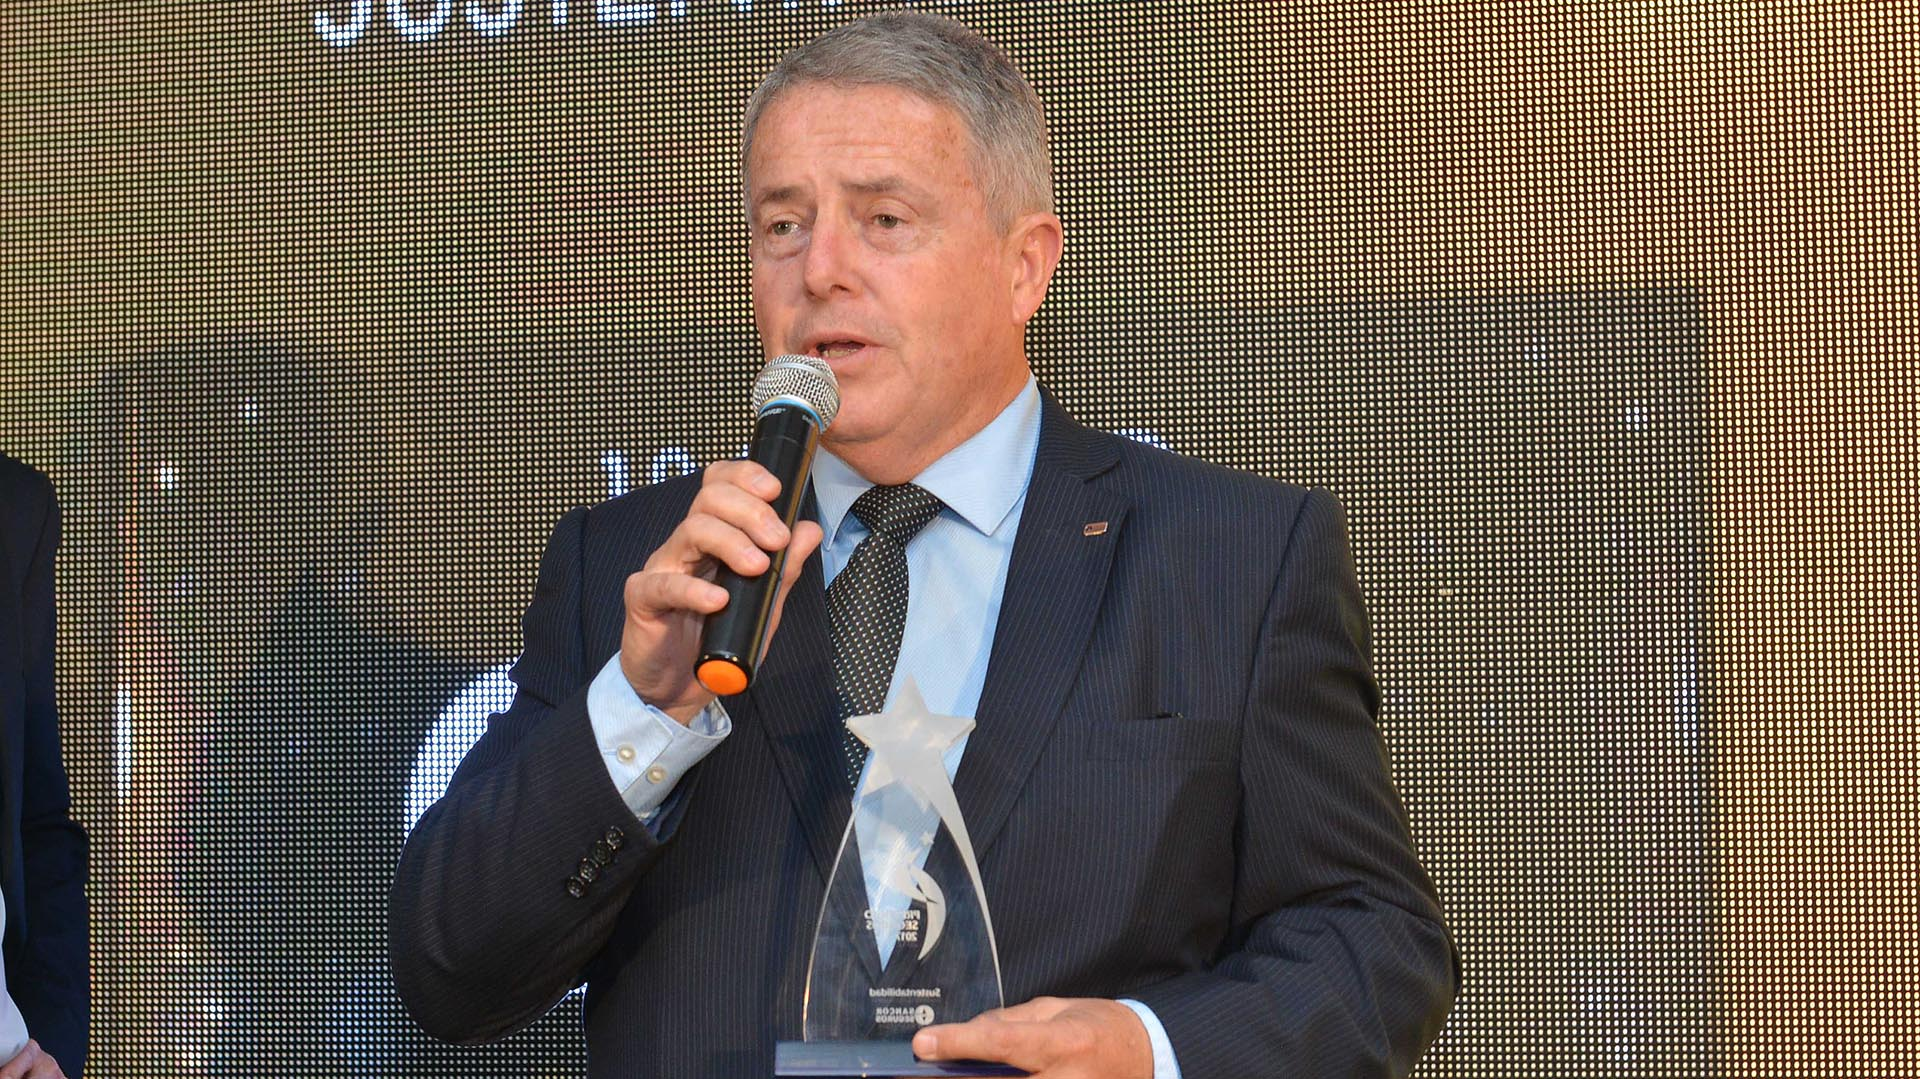 José Sánchez, Presidente del Grupo Sancor Seguros